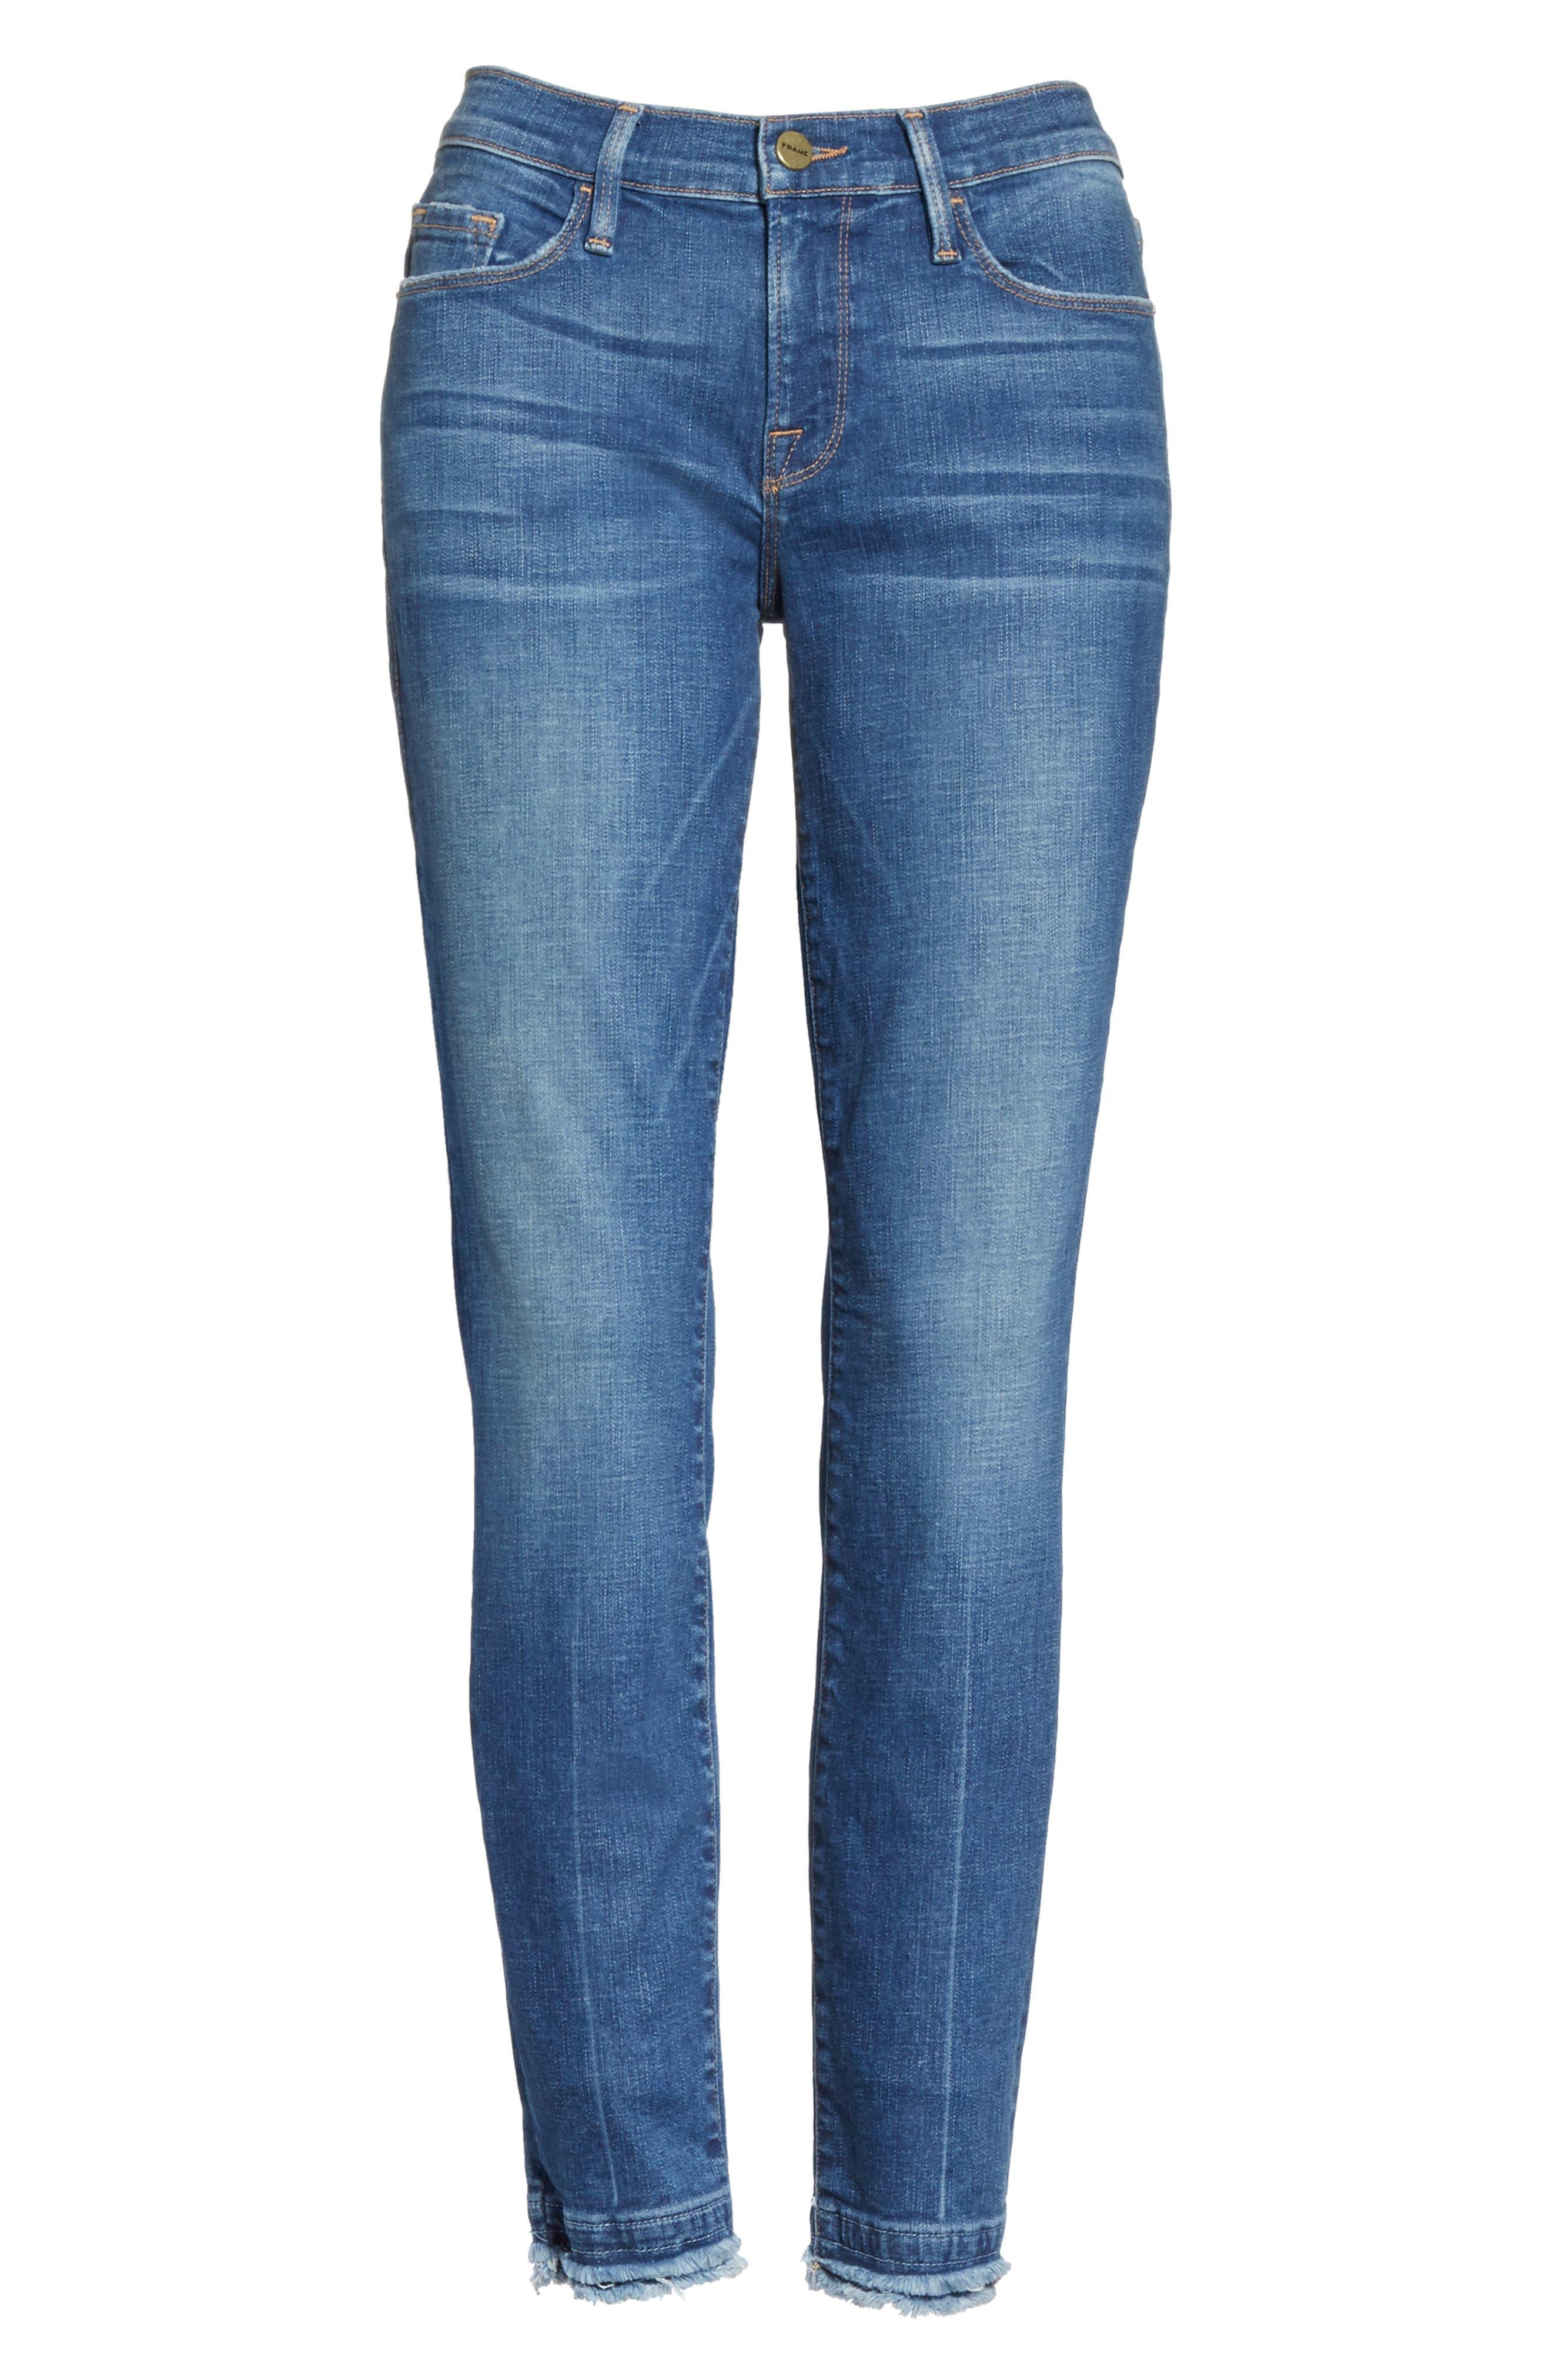 Le Skinny de Jeanne Double Hem Crop Jeans,                             Alternate thumbnail 6, color,                             420